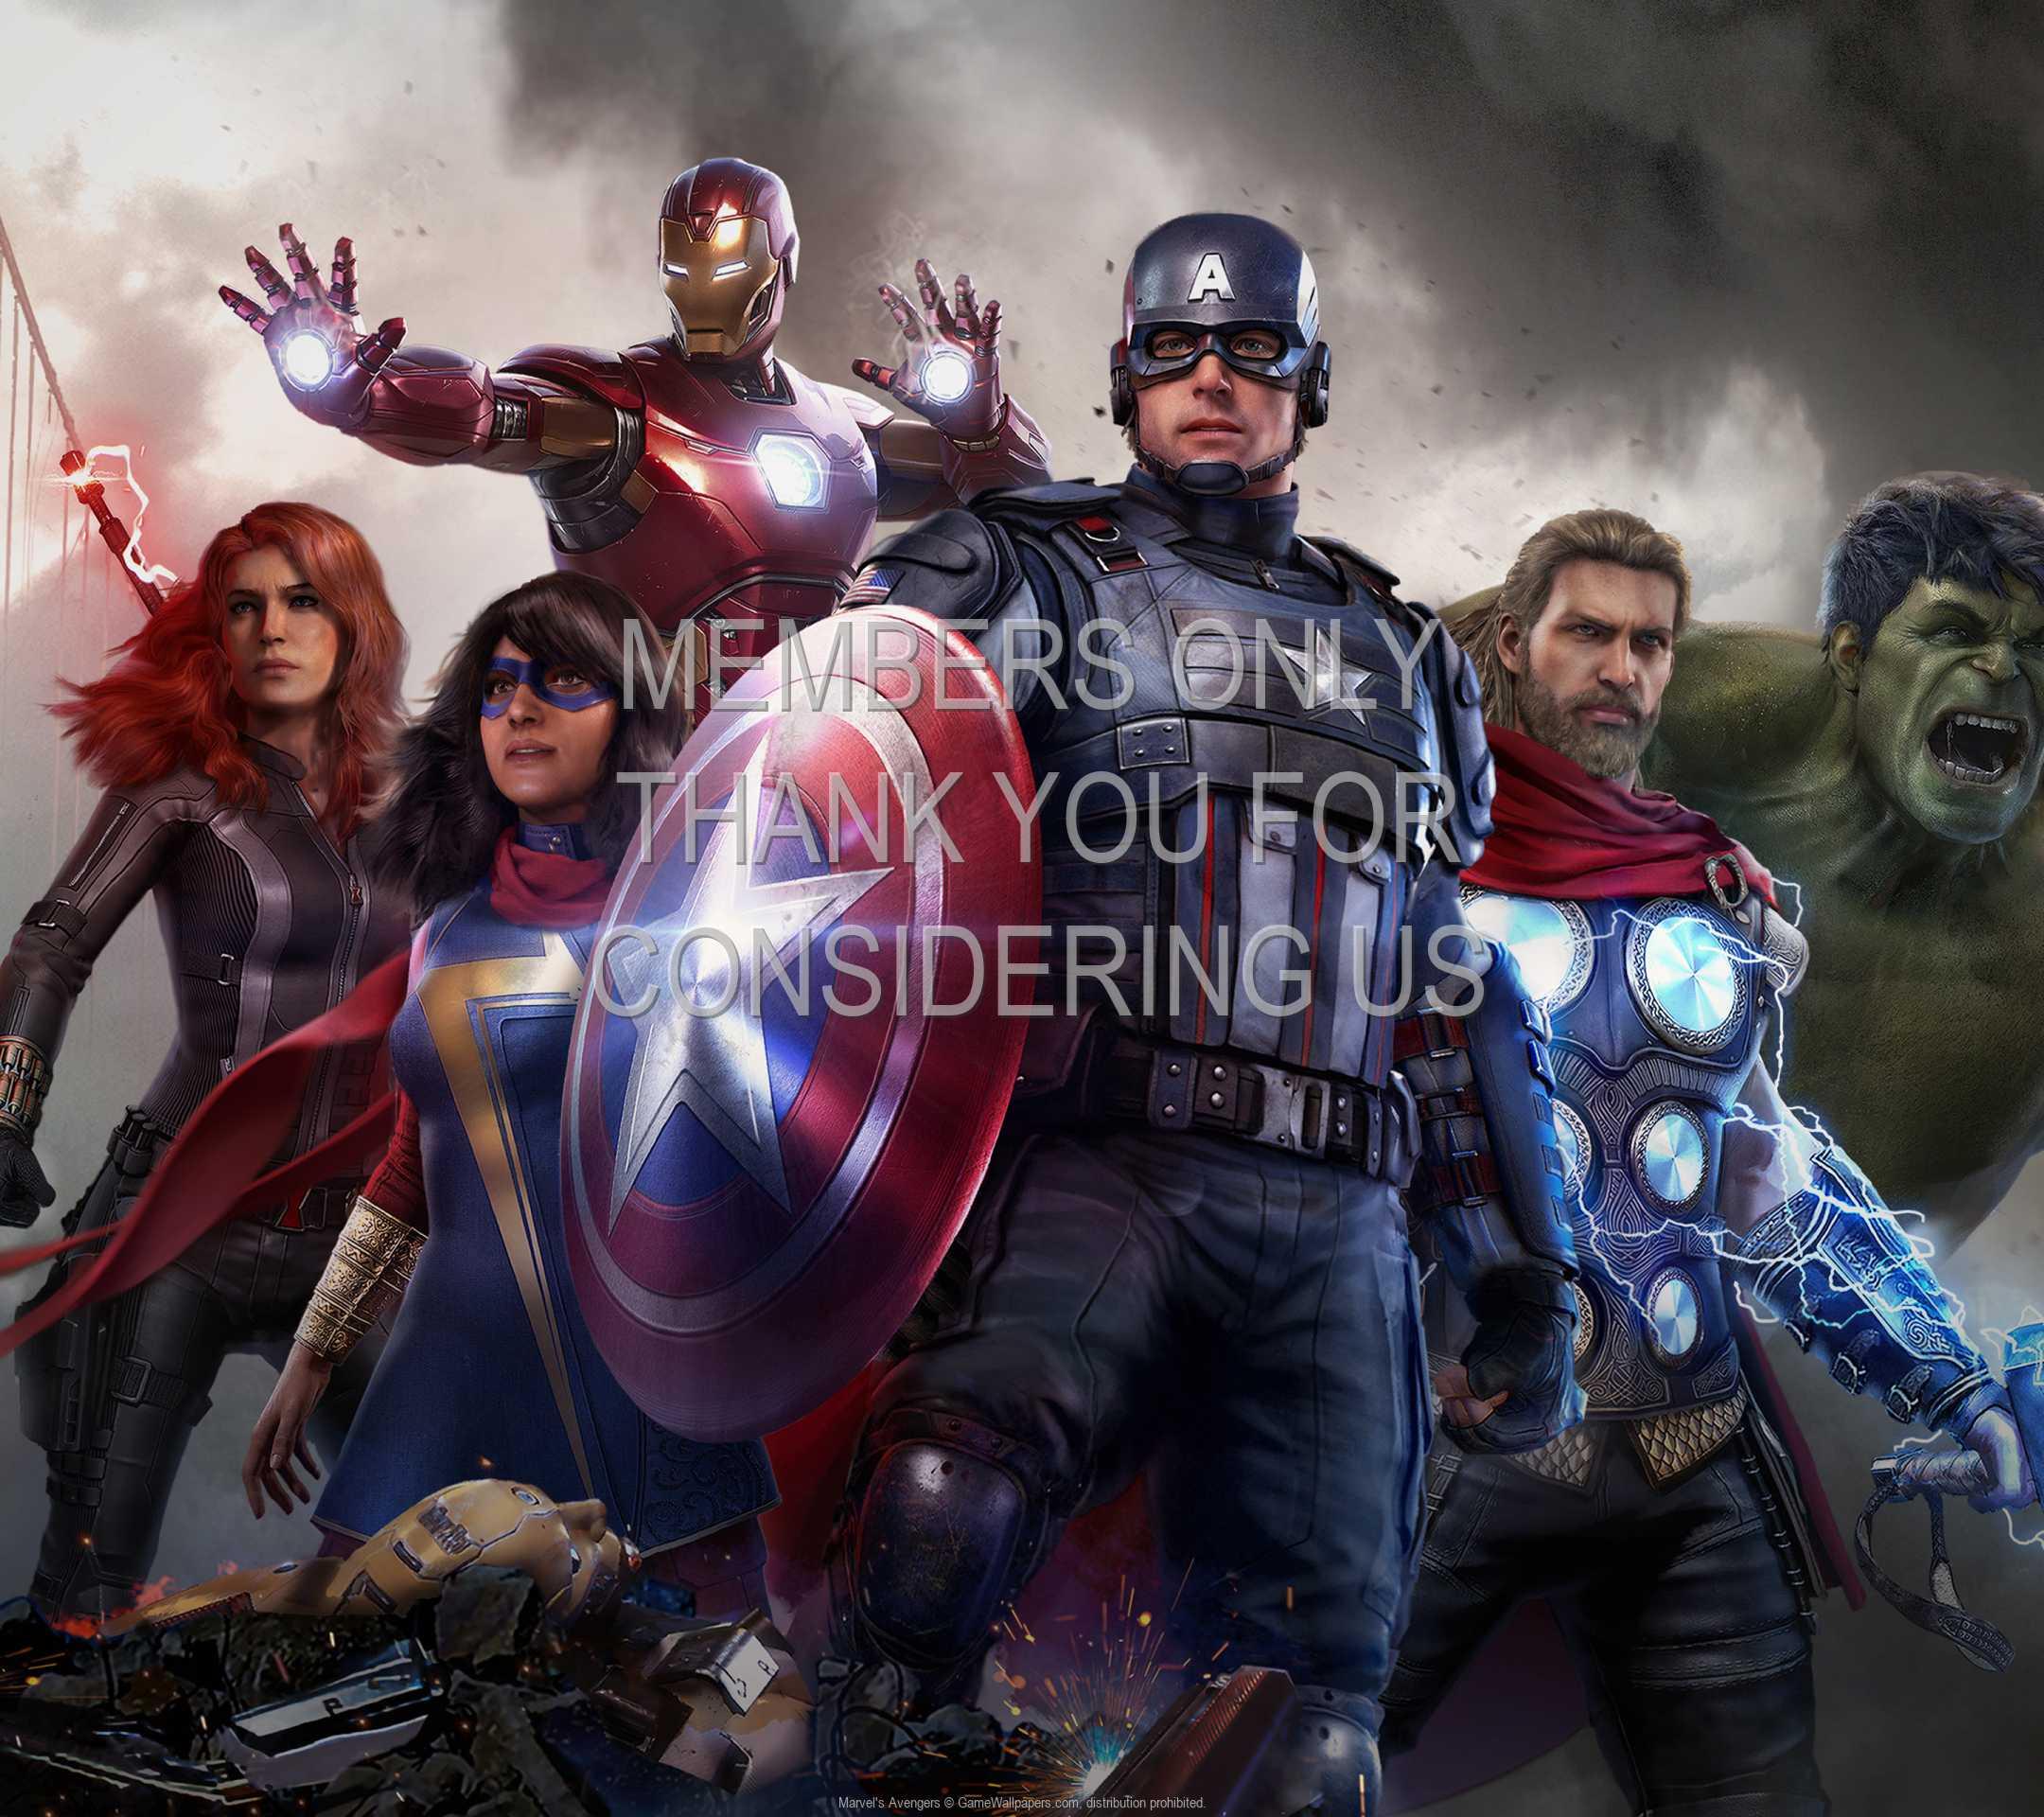 Marvel's Avengers 1080p Horizontal Móvil fondo de escritorio 02